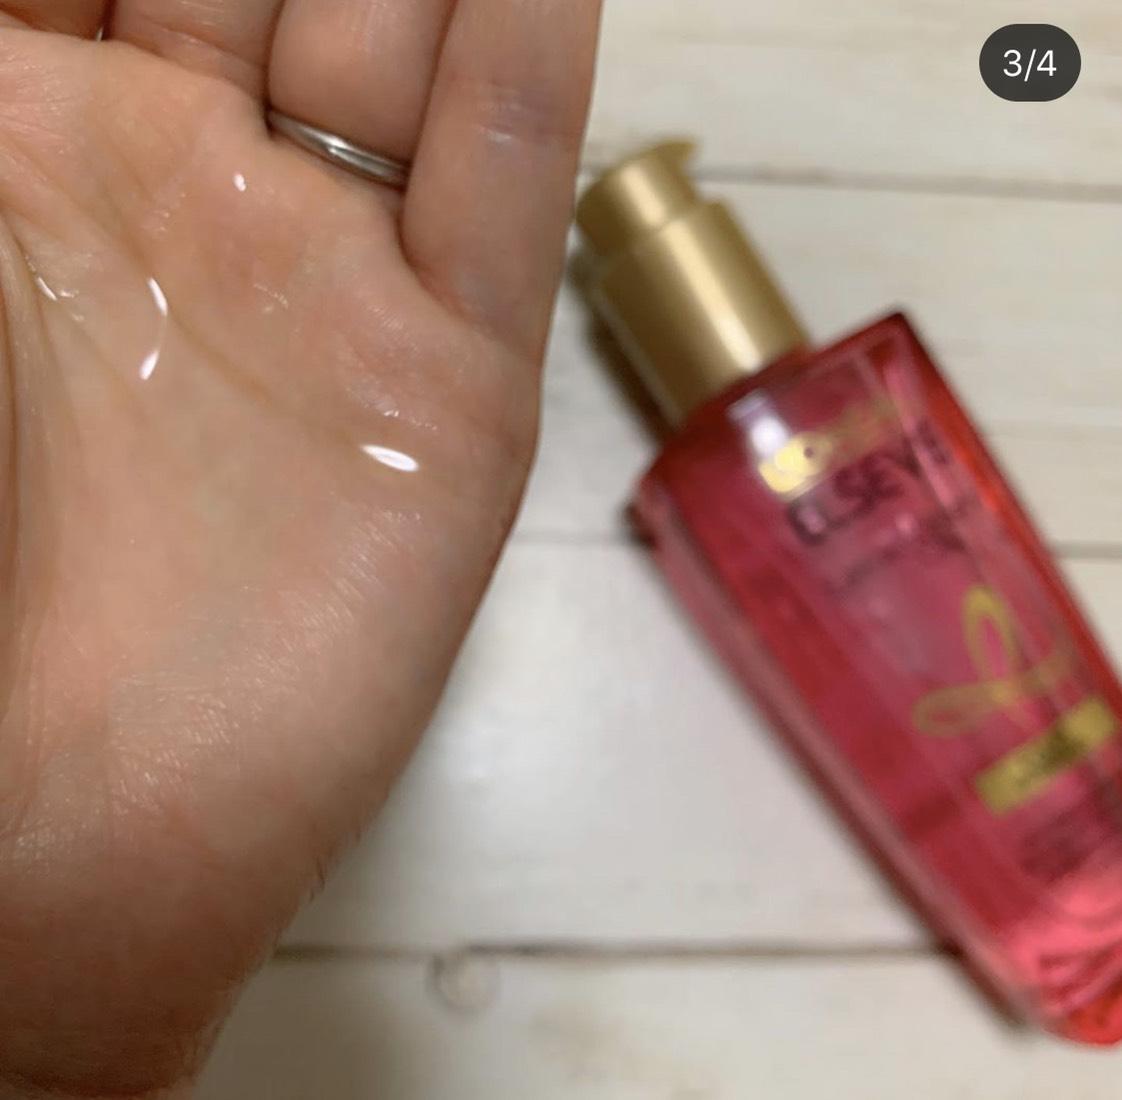 艶髪!いい香り!ロレアルパリのヘアオイル!のBefore画像